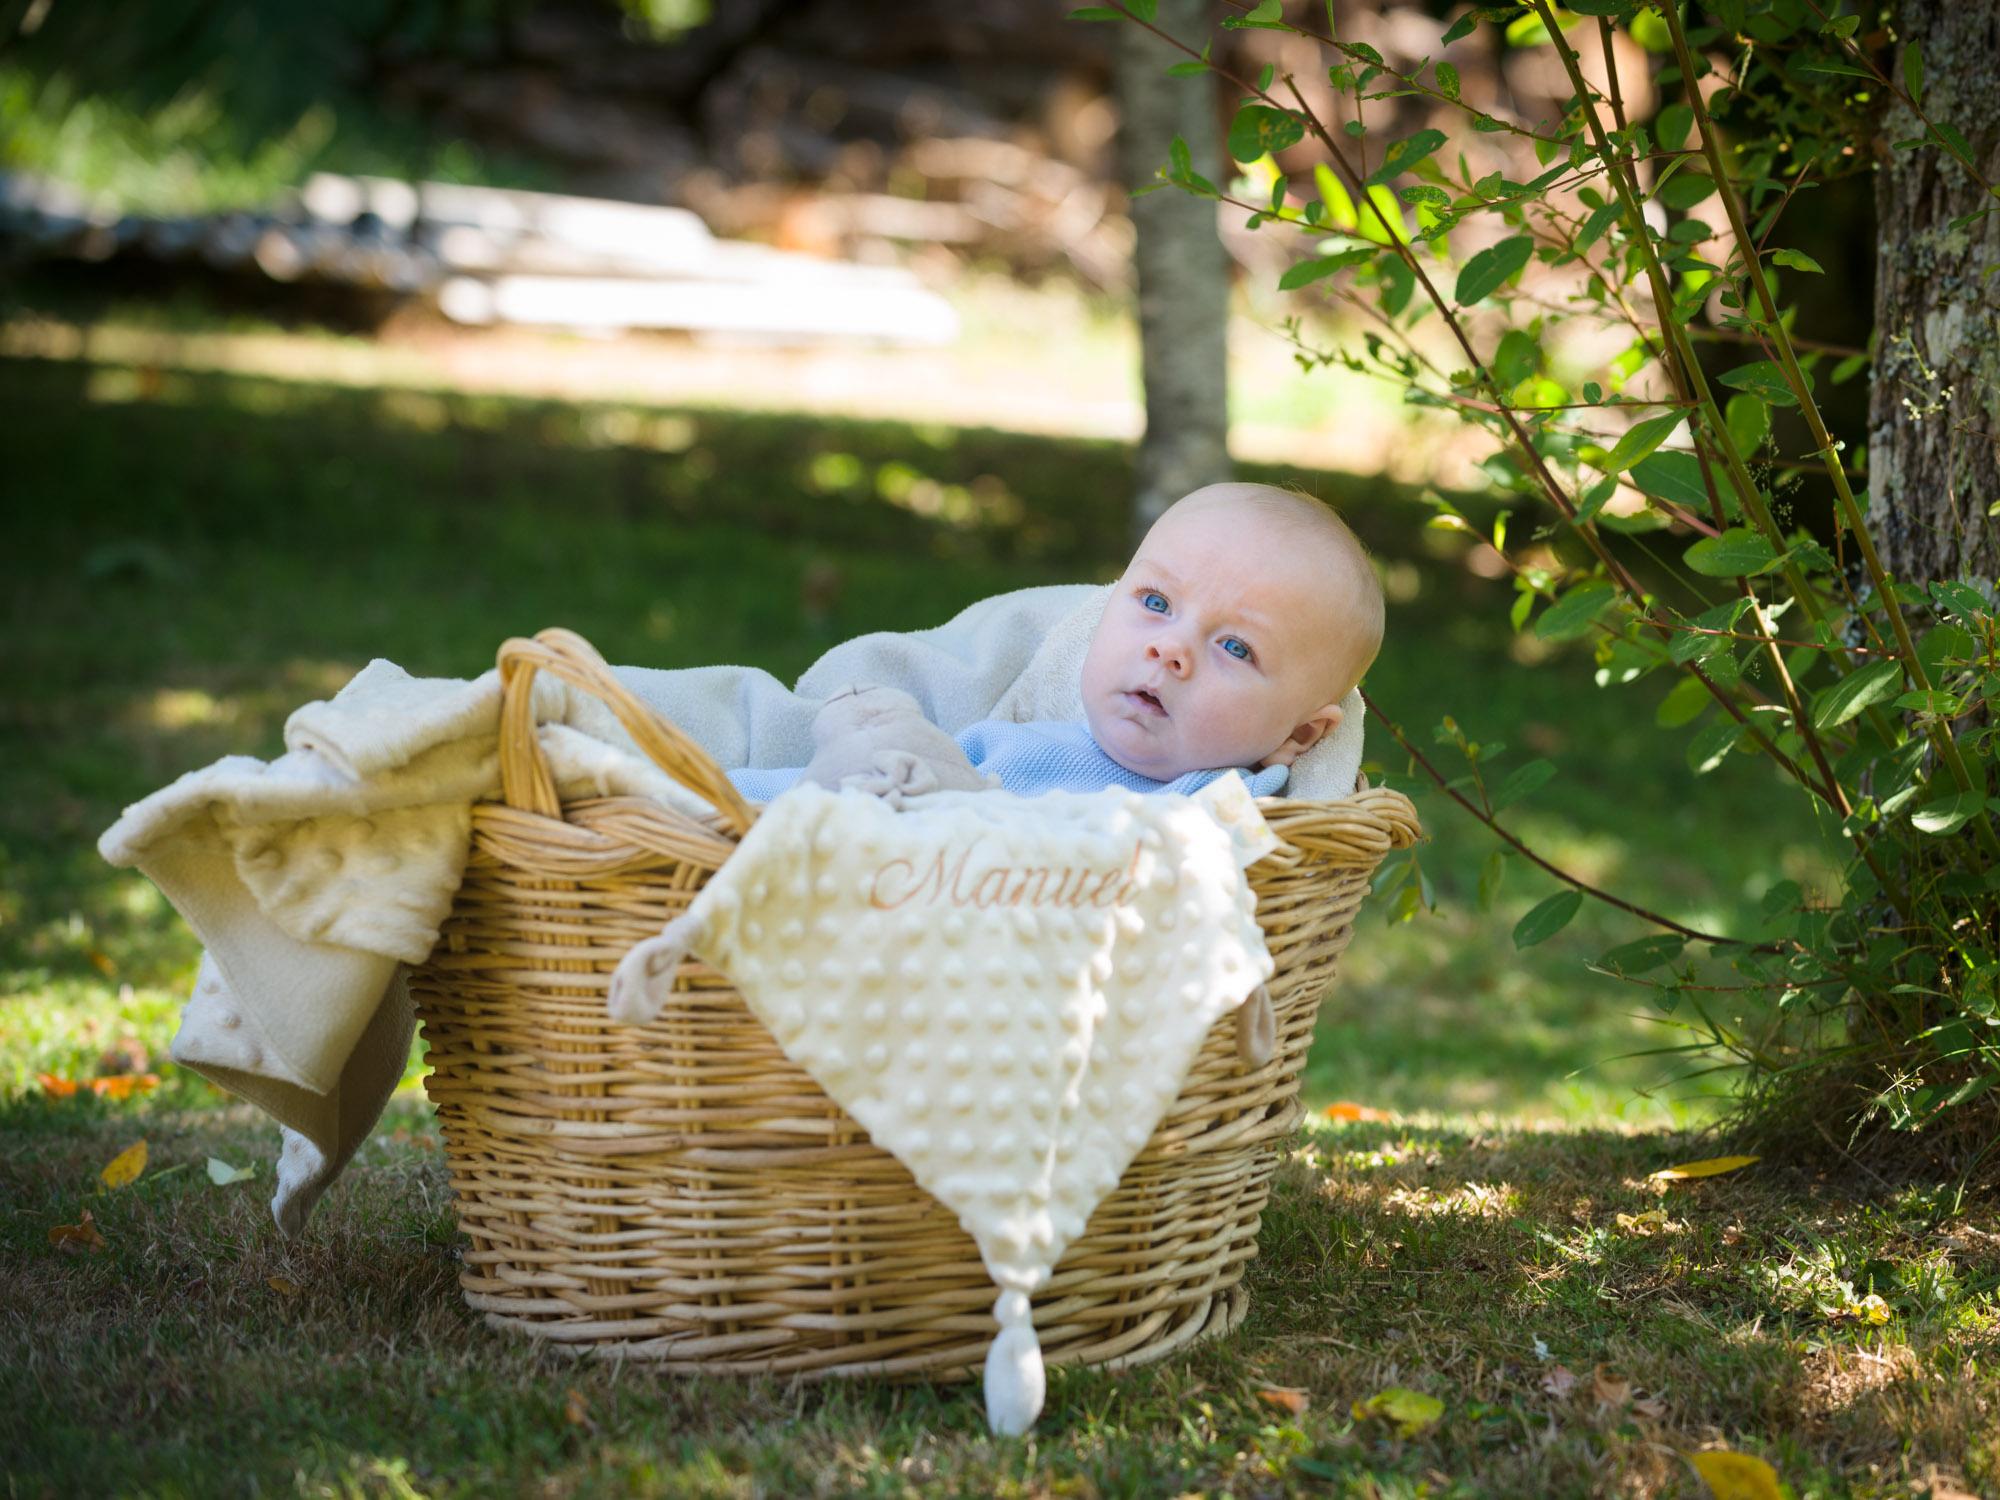 Fotografía de bebé dentro de cesto nun xardín. asestelo fotografía